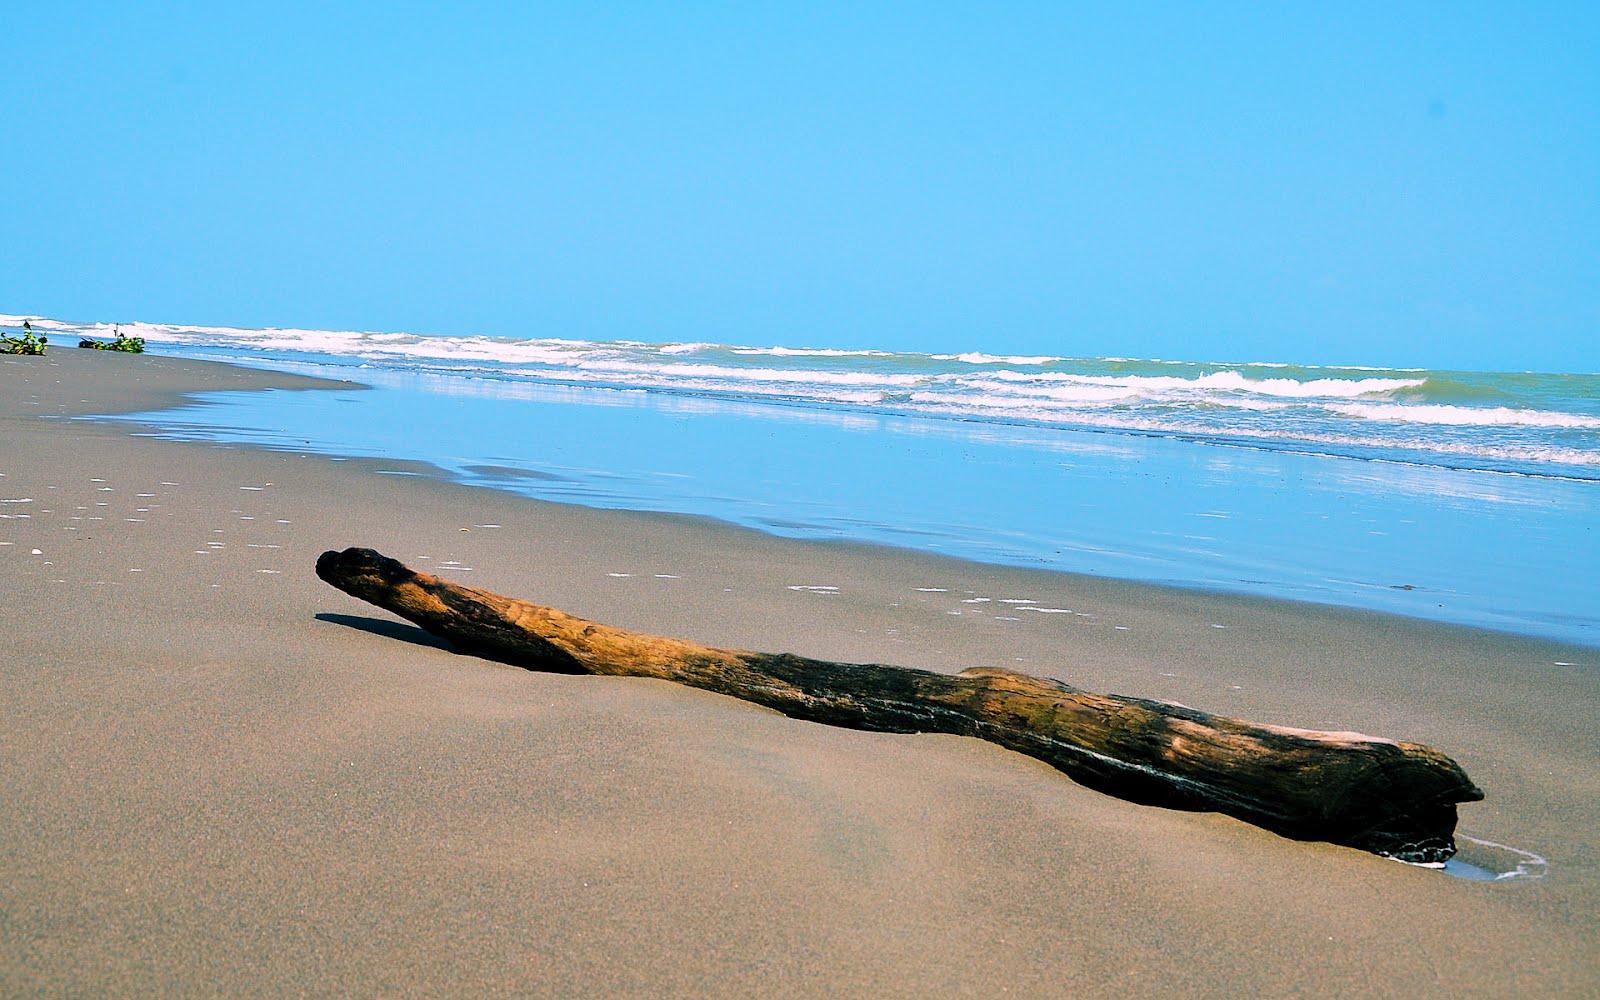 la-playa-costa-esmeralda-casitas-----www.bancodeimagenesgratuitas.com-----05